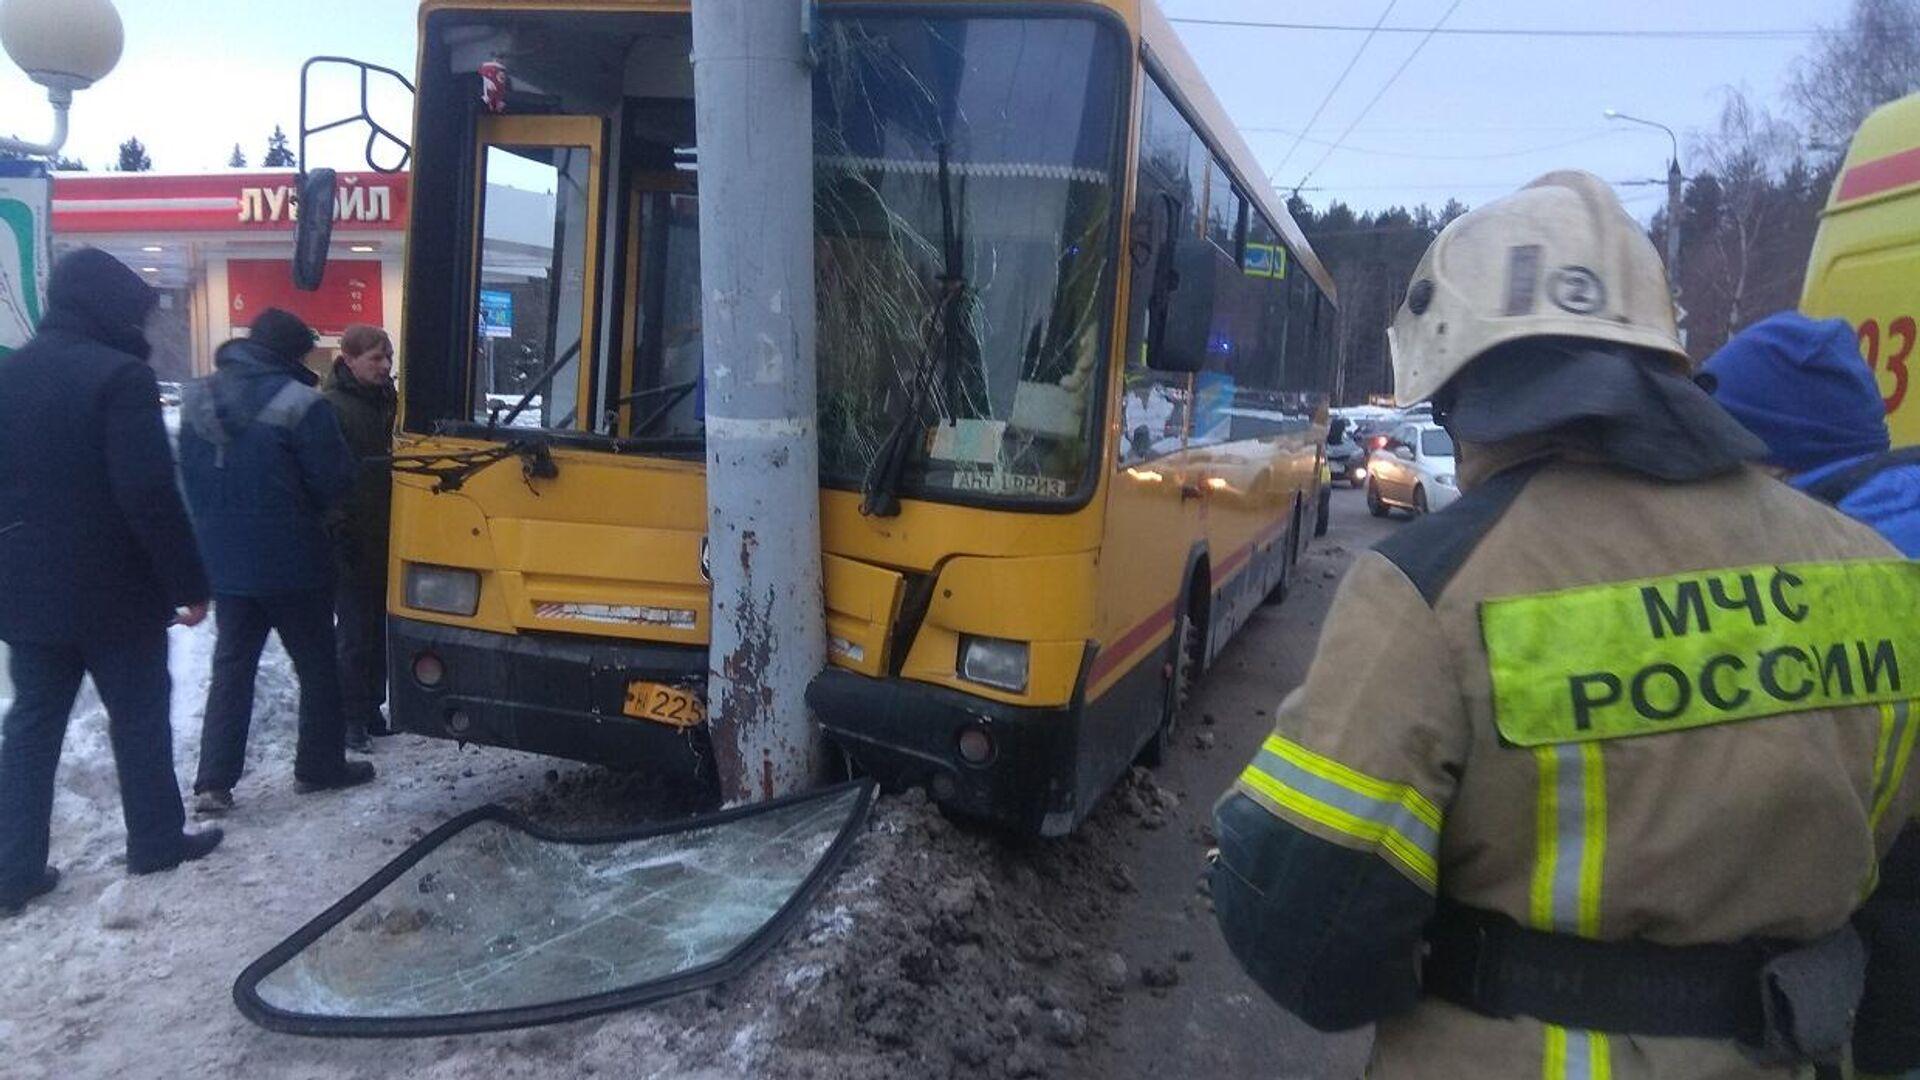 В Ижевске в результате наезда маршрутного автобуса на опору линии электропередач 9 пассажиров получили травмы - РИА Новости, 1920, 04.03.2021